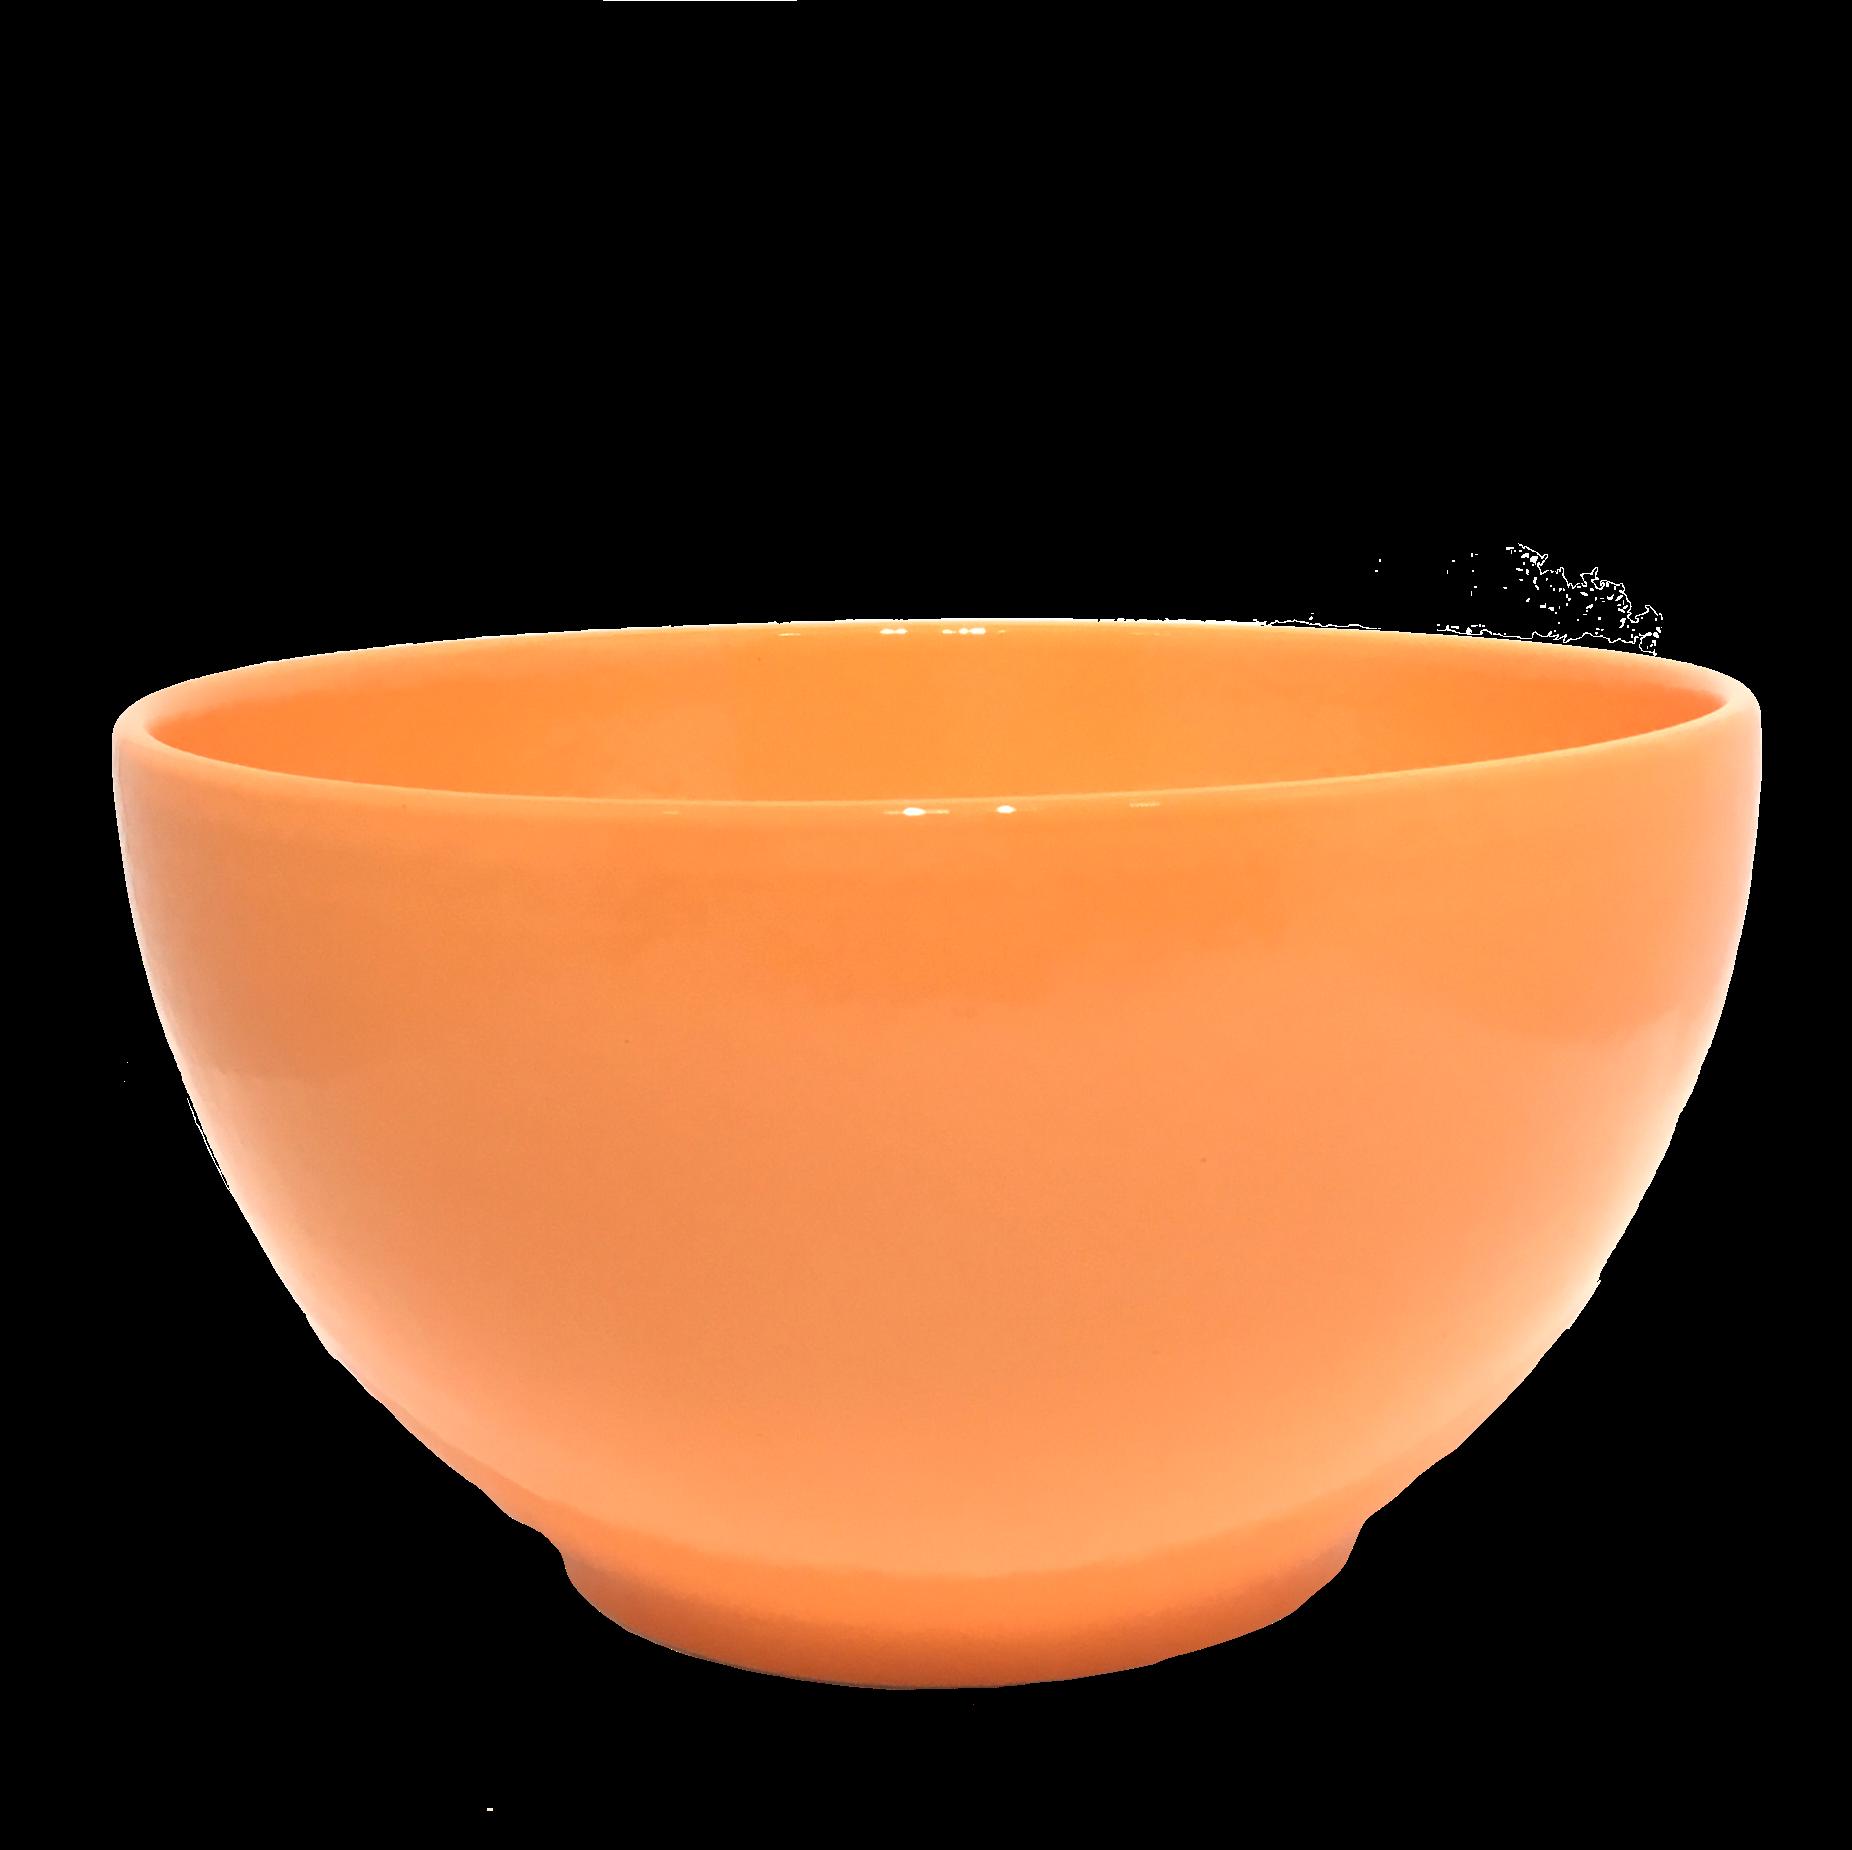 Slakom tulipe-3